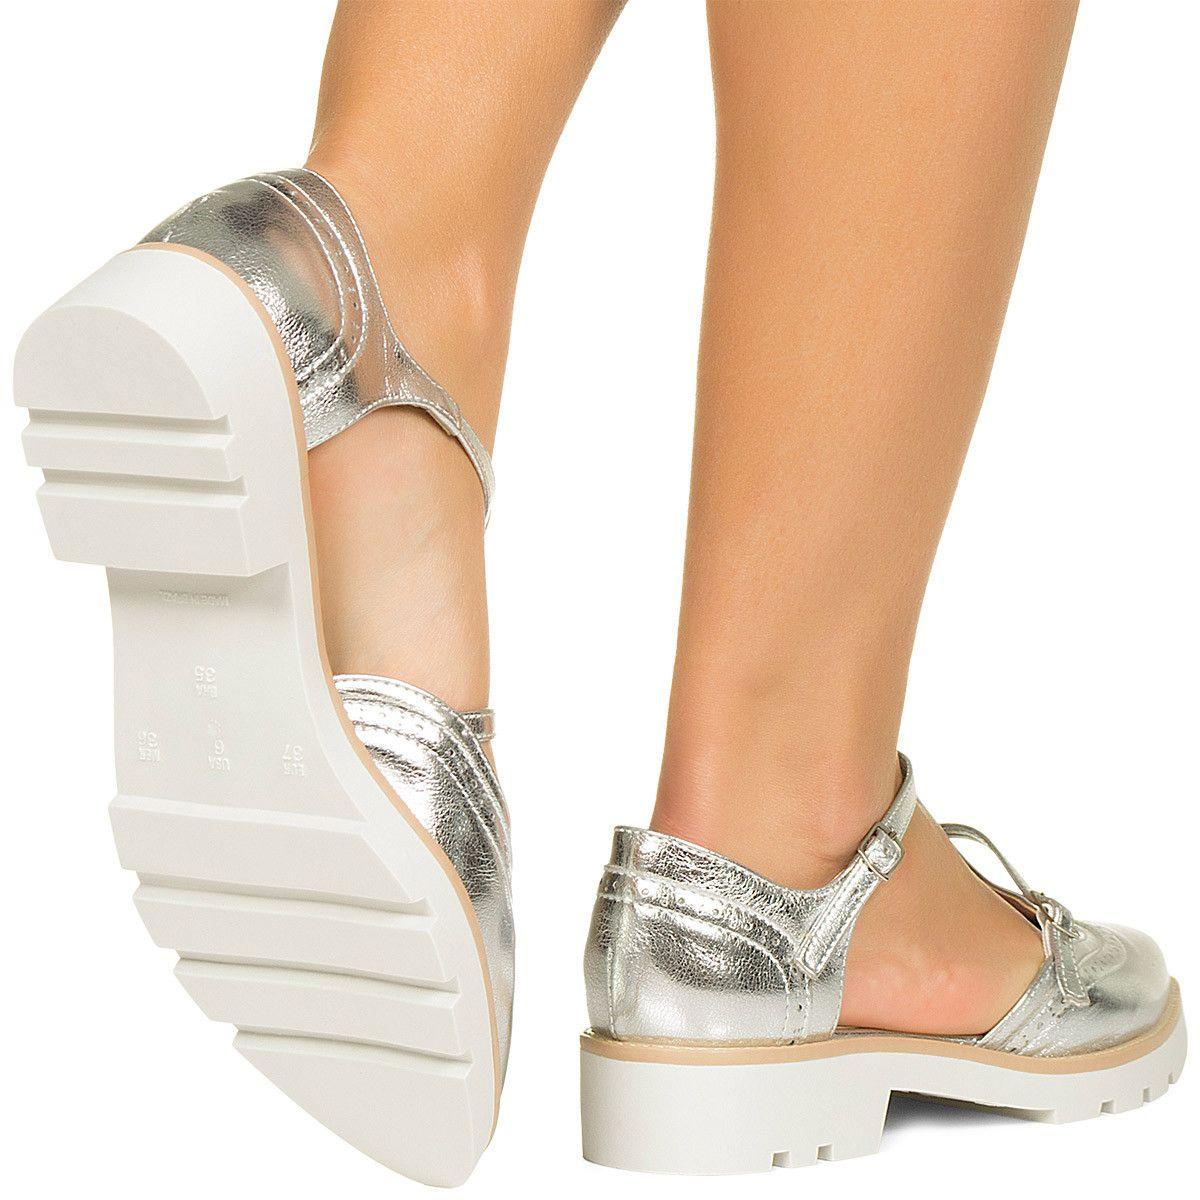 5757b0170f Sapato Oxford Aberto Prata Taquilla - Taquilla - Loja online de sapatos  femininos